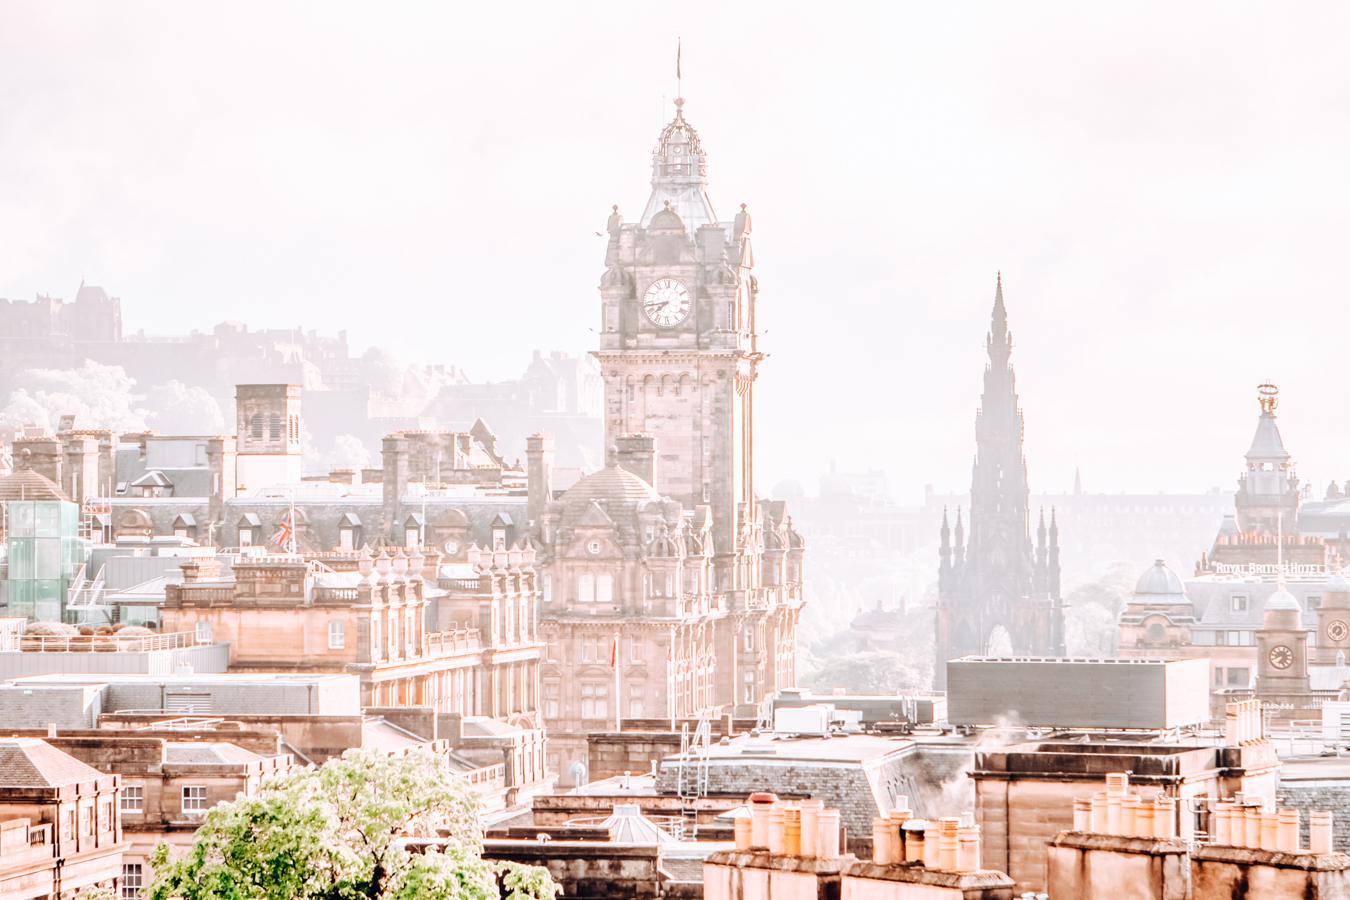 Buildings in Edinburgh